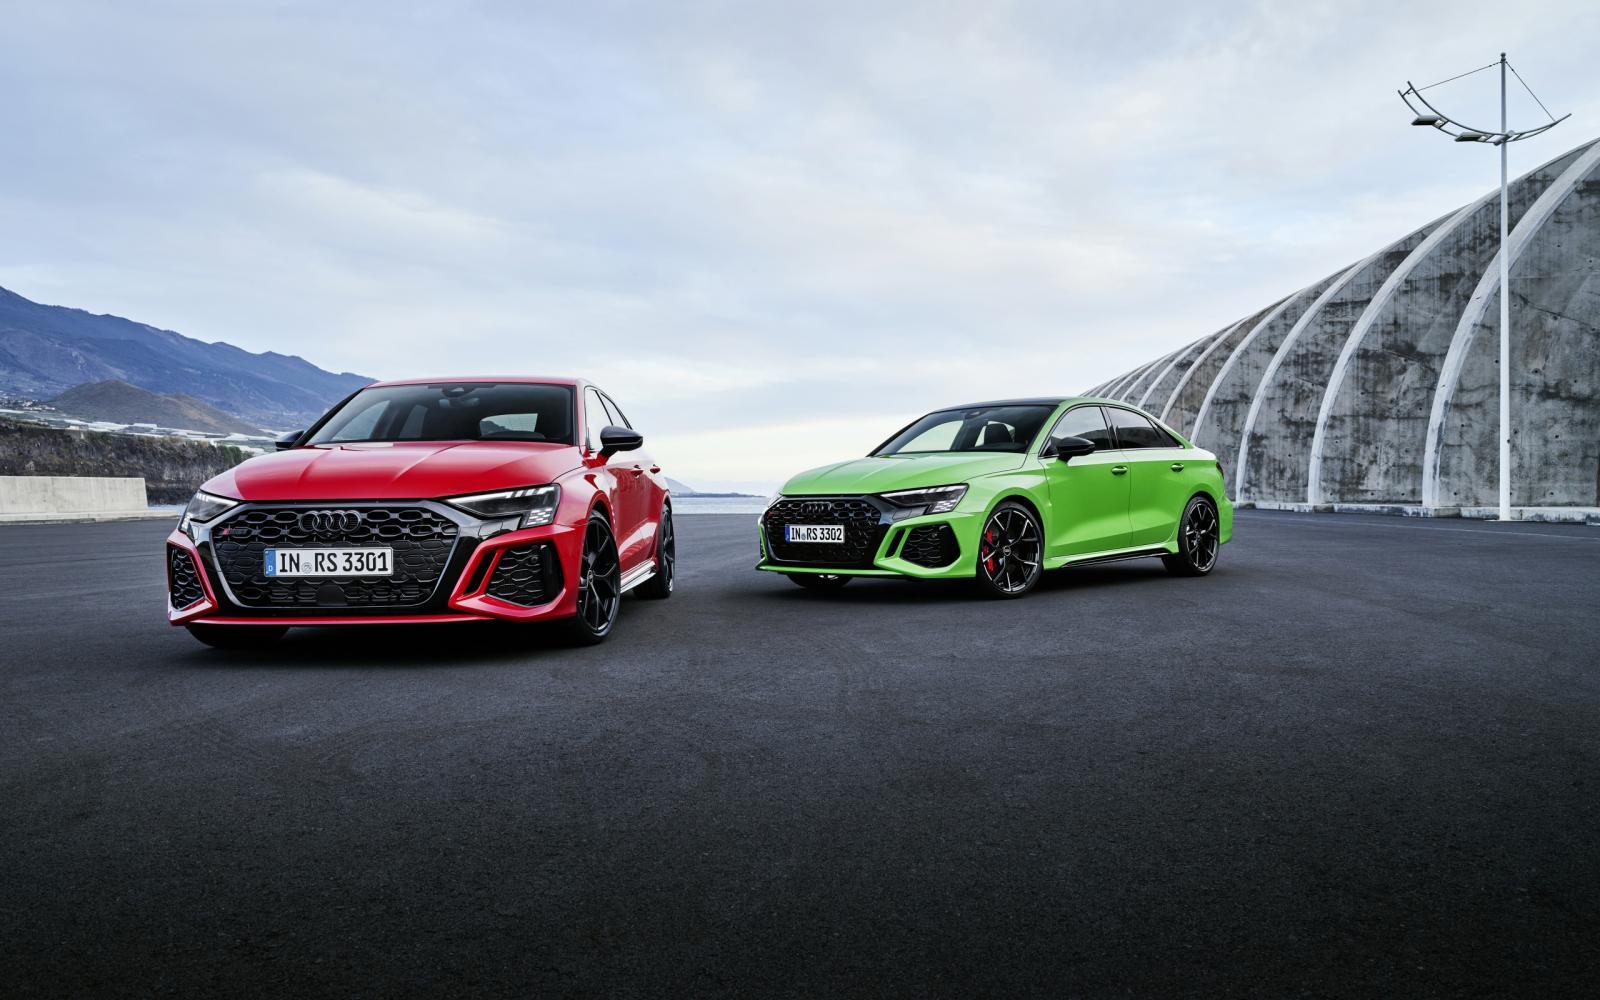 De nieuwe Audi RS 3: waarom de Mercedes-AMG A 45 S 4Matic+ peentjes kan gaan zweten